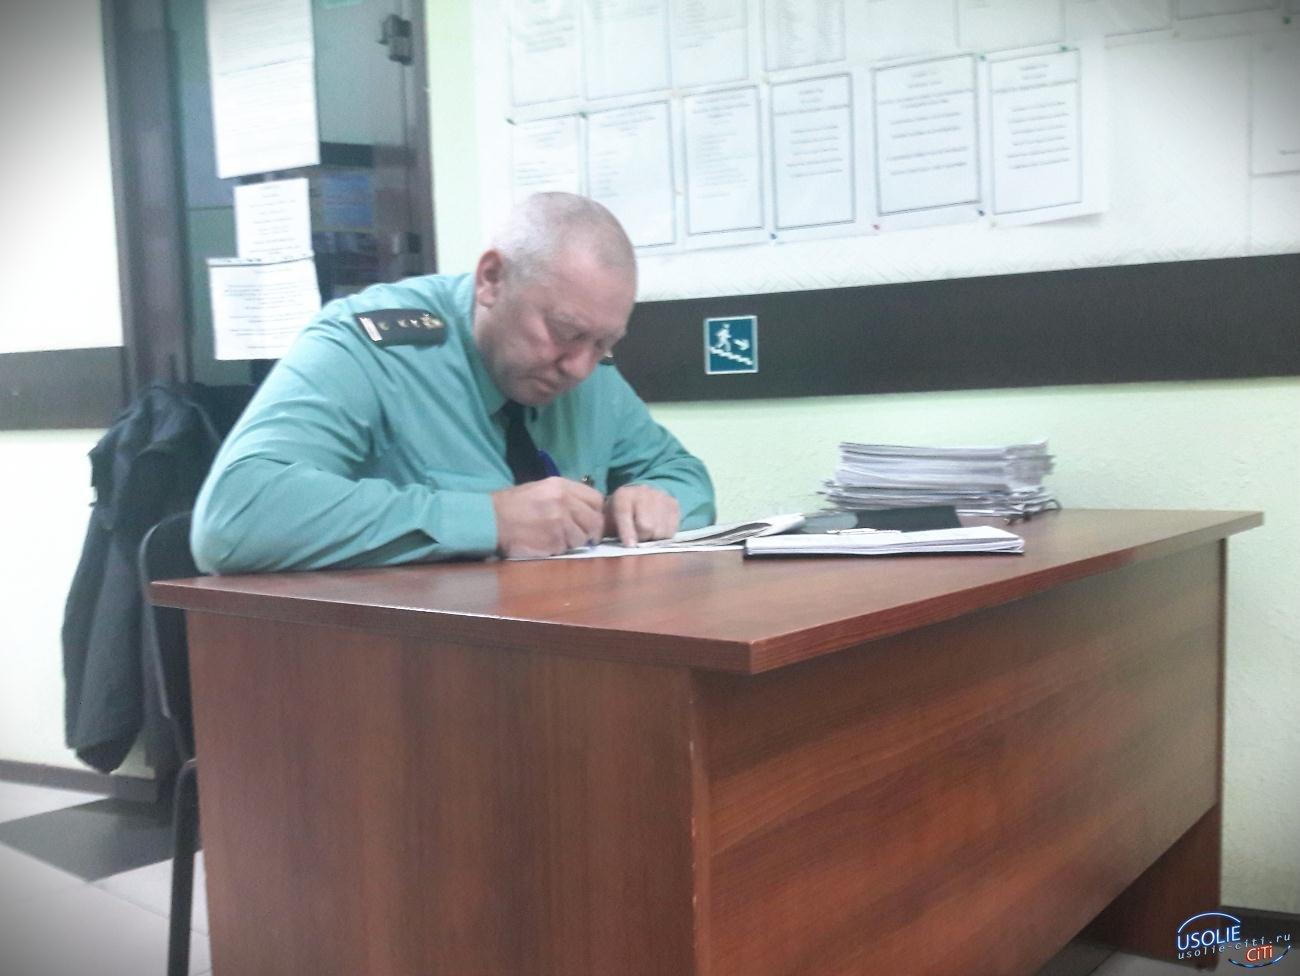 Усольчанин оплатил штраф после ареста машины